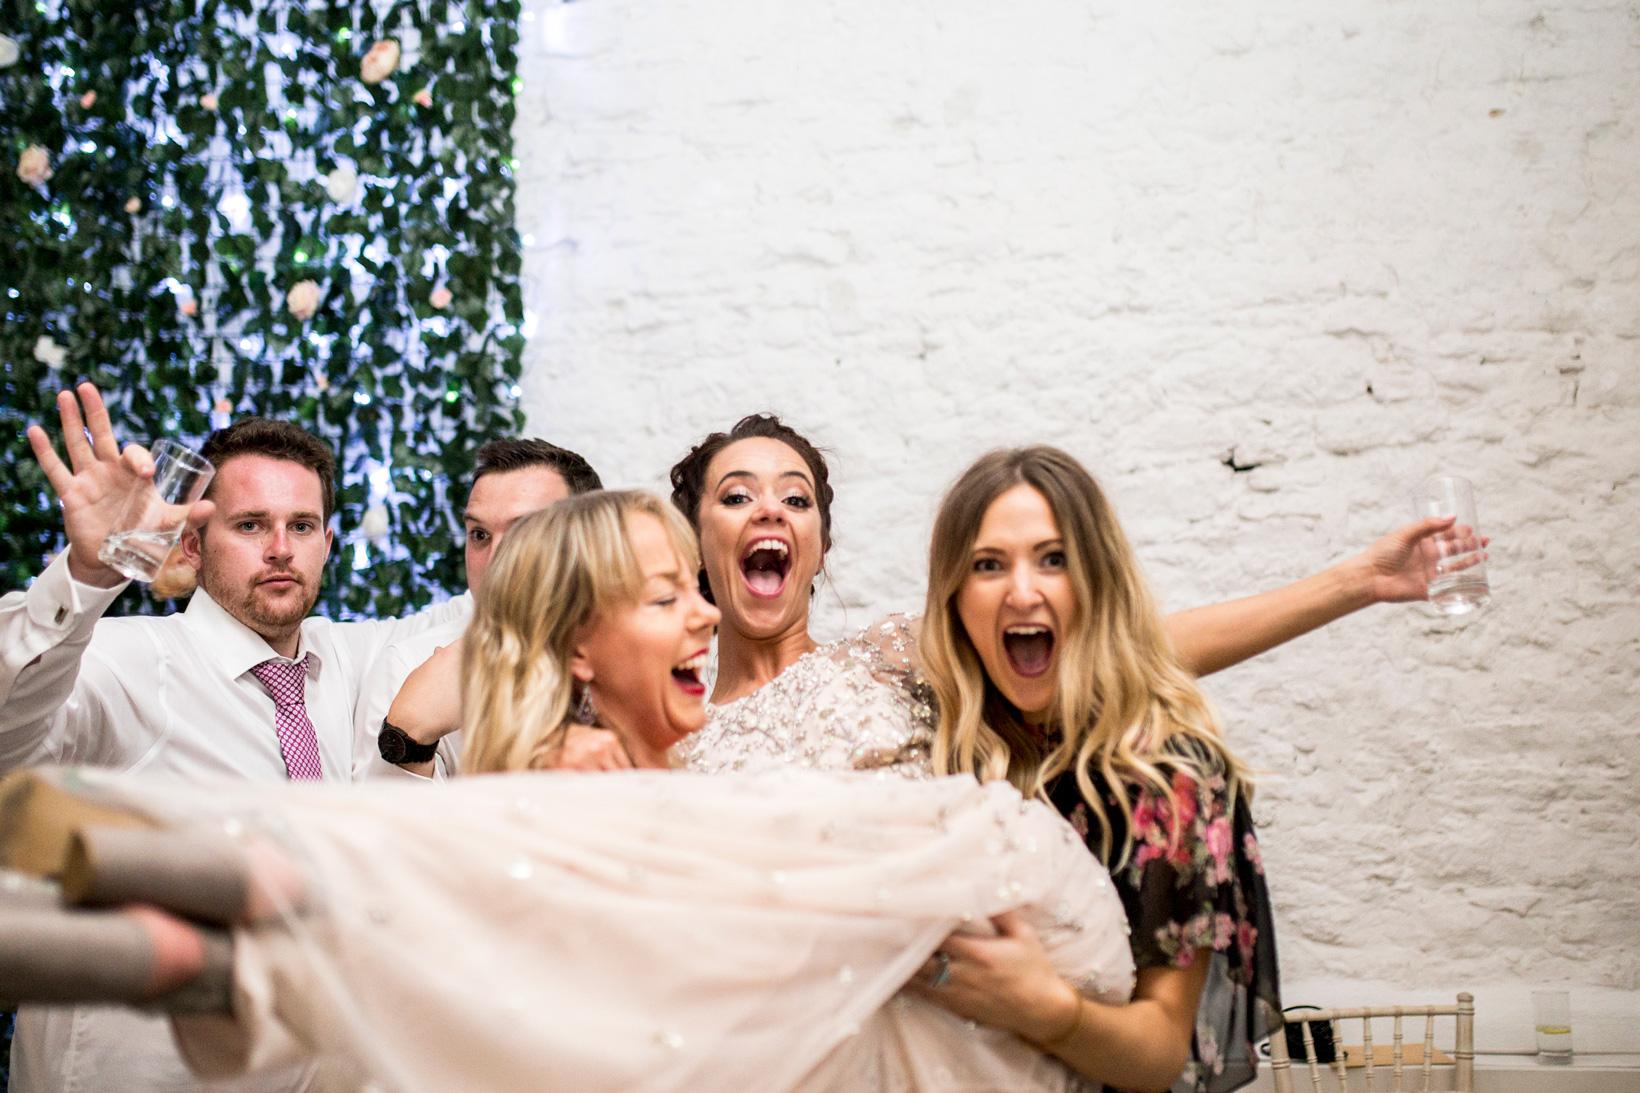 Wedding Party, Bride, Dance Party,